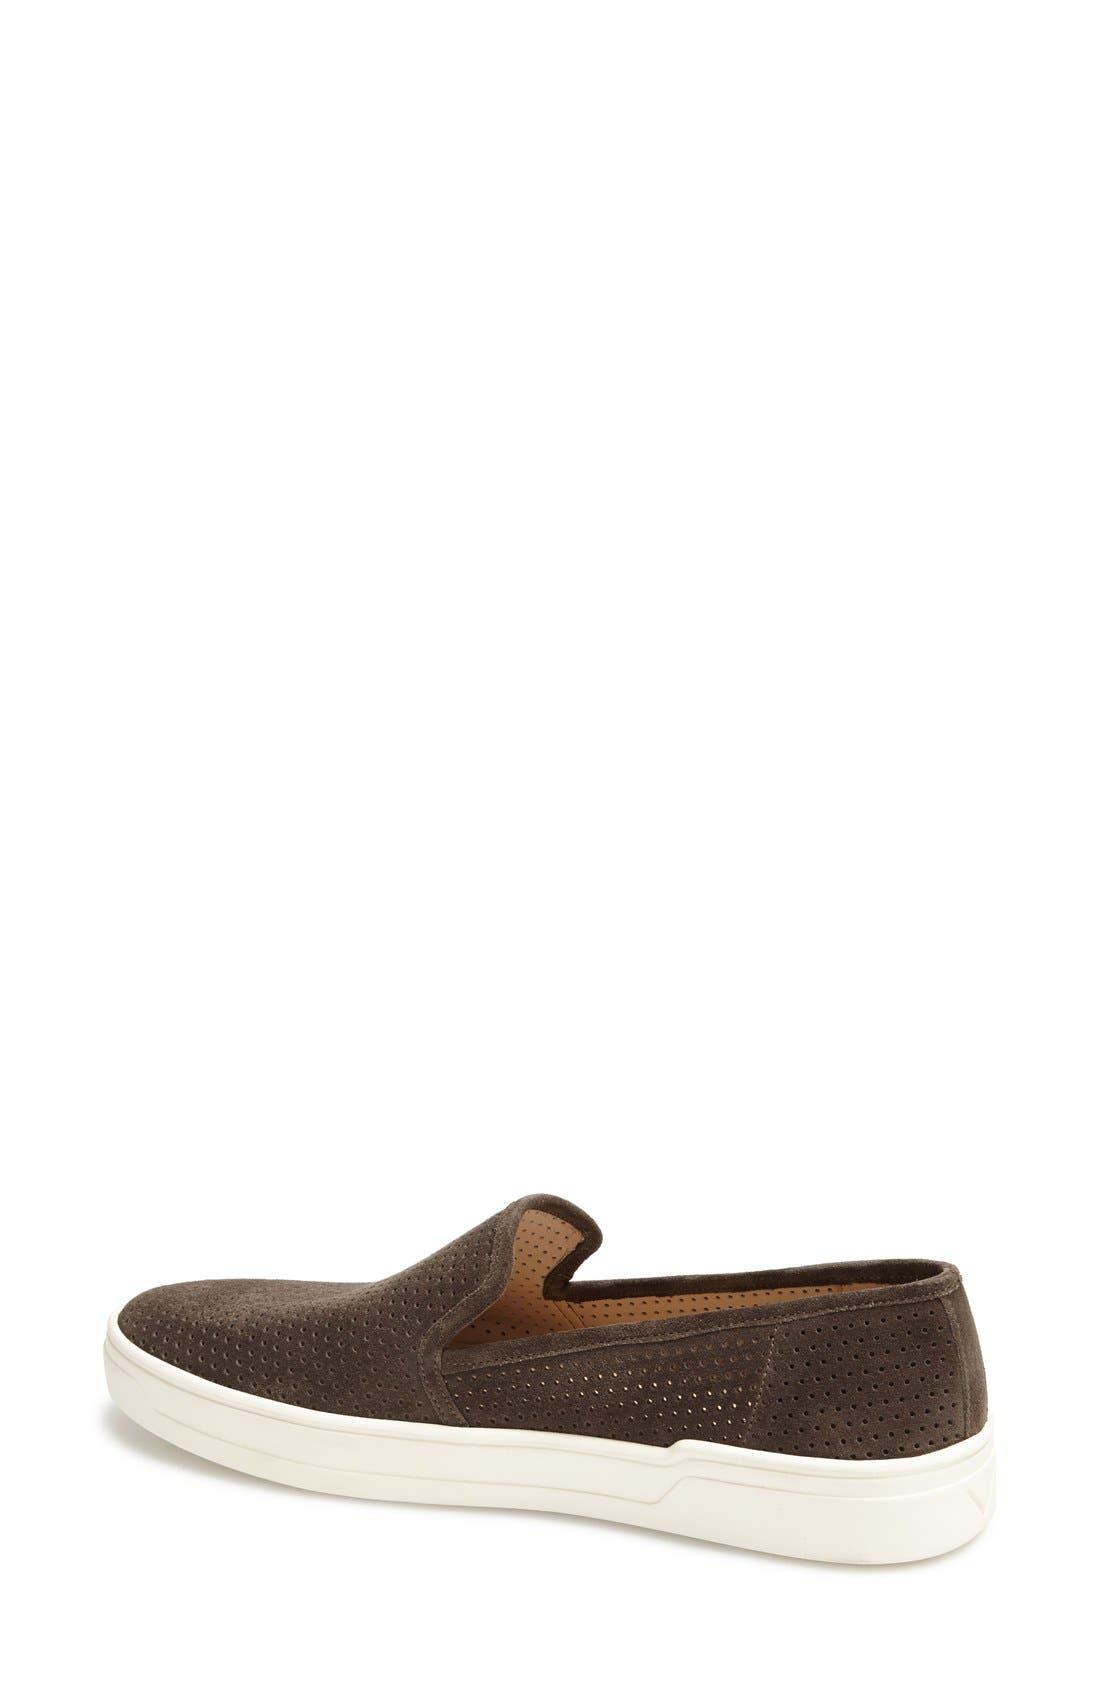 Alternate Image 4  - Via Spiga 'Galea' Leather Slip-On Sneaker (Women)